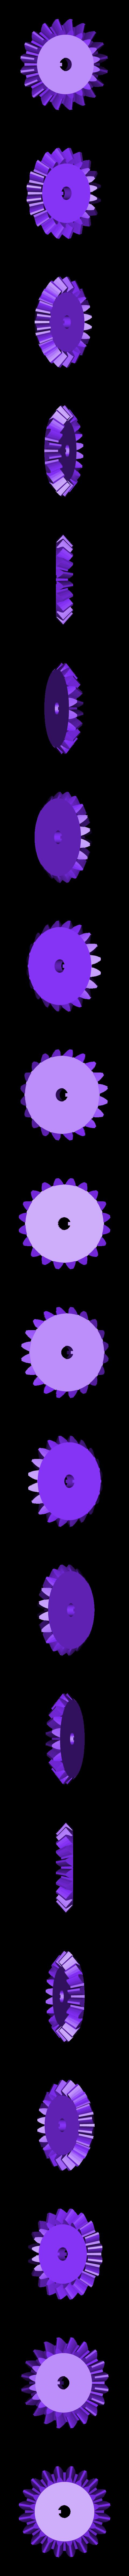 1x_Bevel_Gear_1.stl Télécharger fichier STL gratuit Réducteur industriel à couple conique / Réducteur à engrenages (version en coupe) • Objet pour imprimante 3D, LarsRb